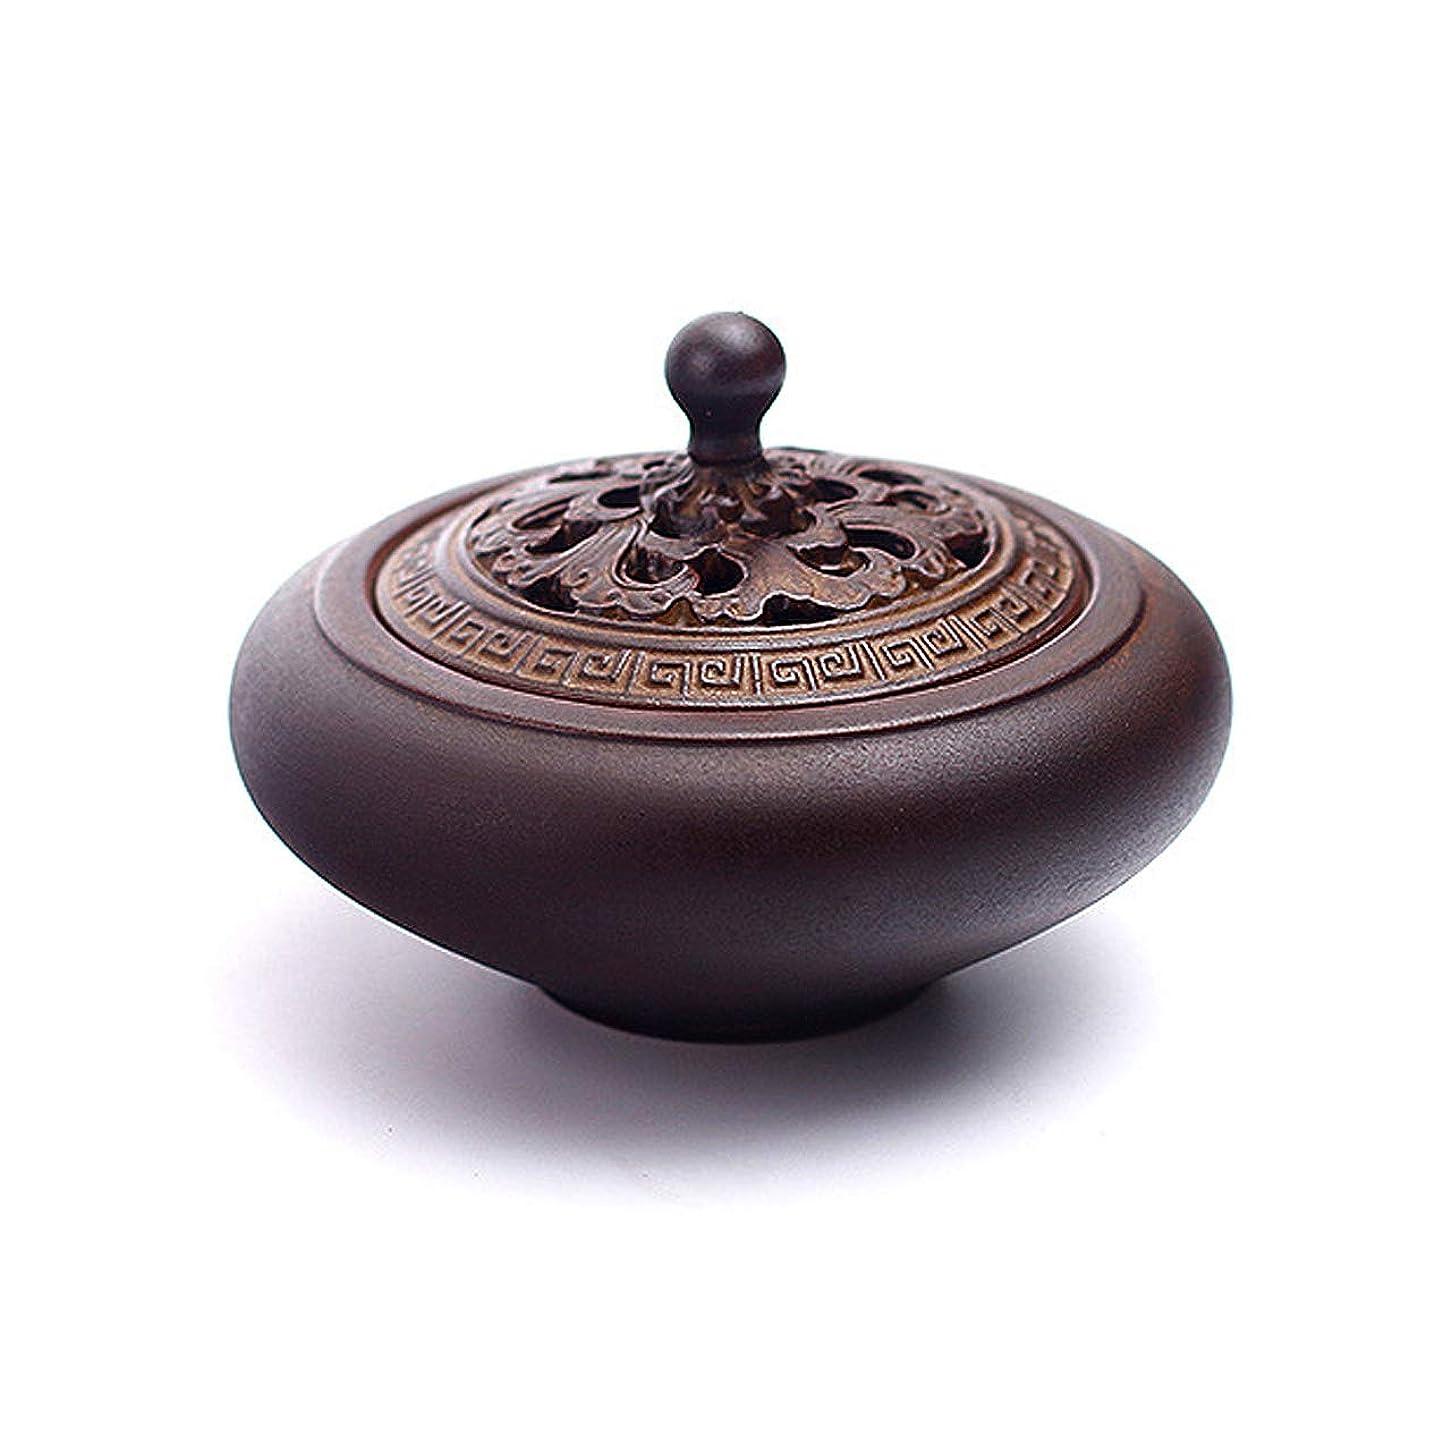 光沢のある衛星コジオスコHAMILO 蓋付香炉 陶器 中国風 古典 アロマ 癒し 香道 お香 コーン 抹香 手作り 木製台付 (ブラウン)